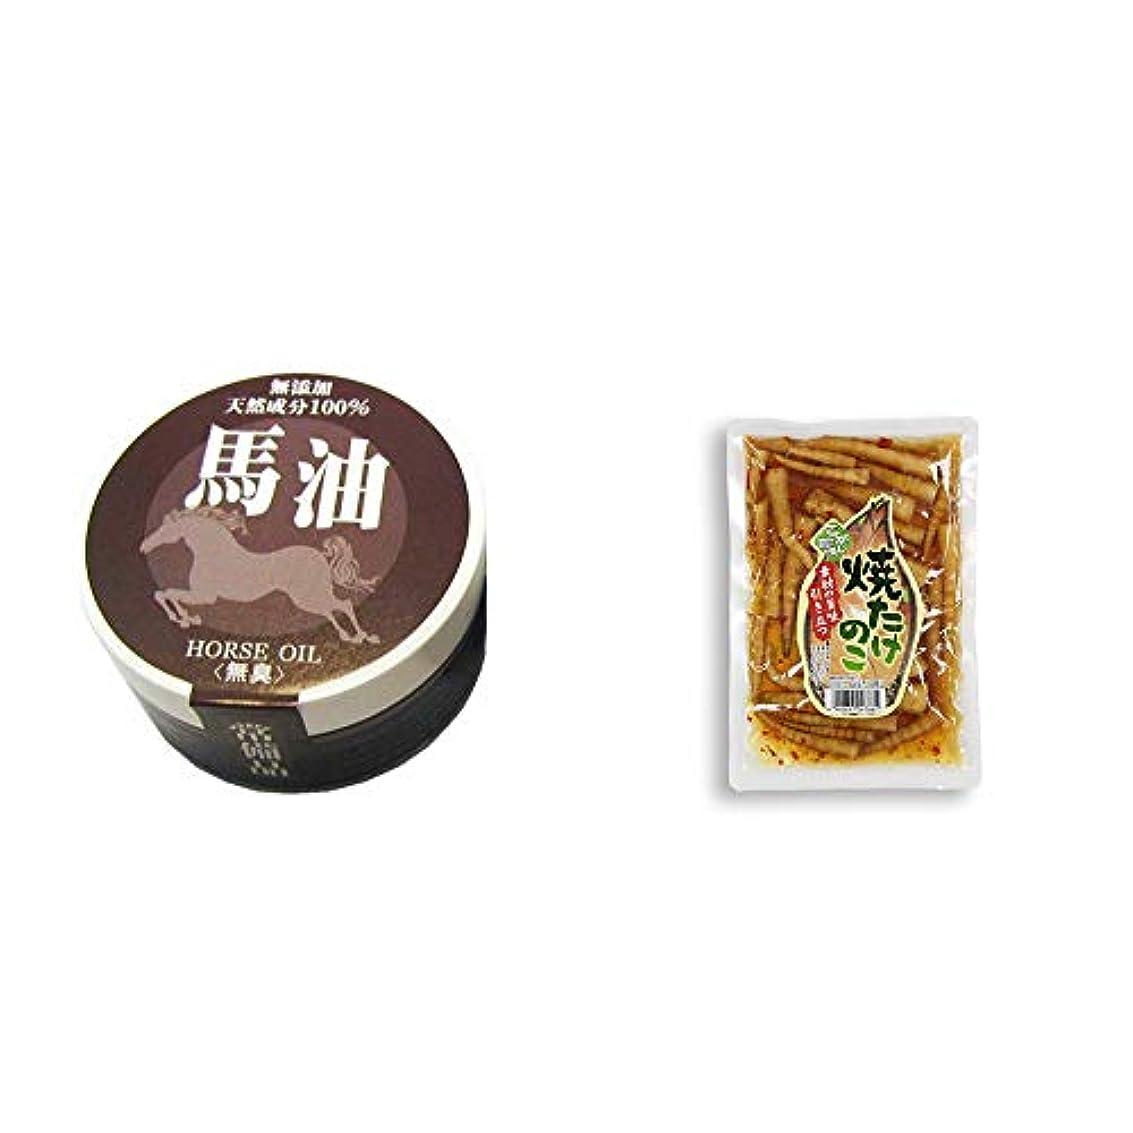 警報小麦乳製品[2点セット] 無添加天然成分100% 馬油[無香料](38g)?焼たけのこ(300g)